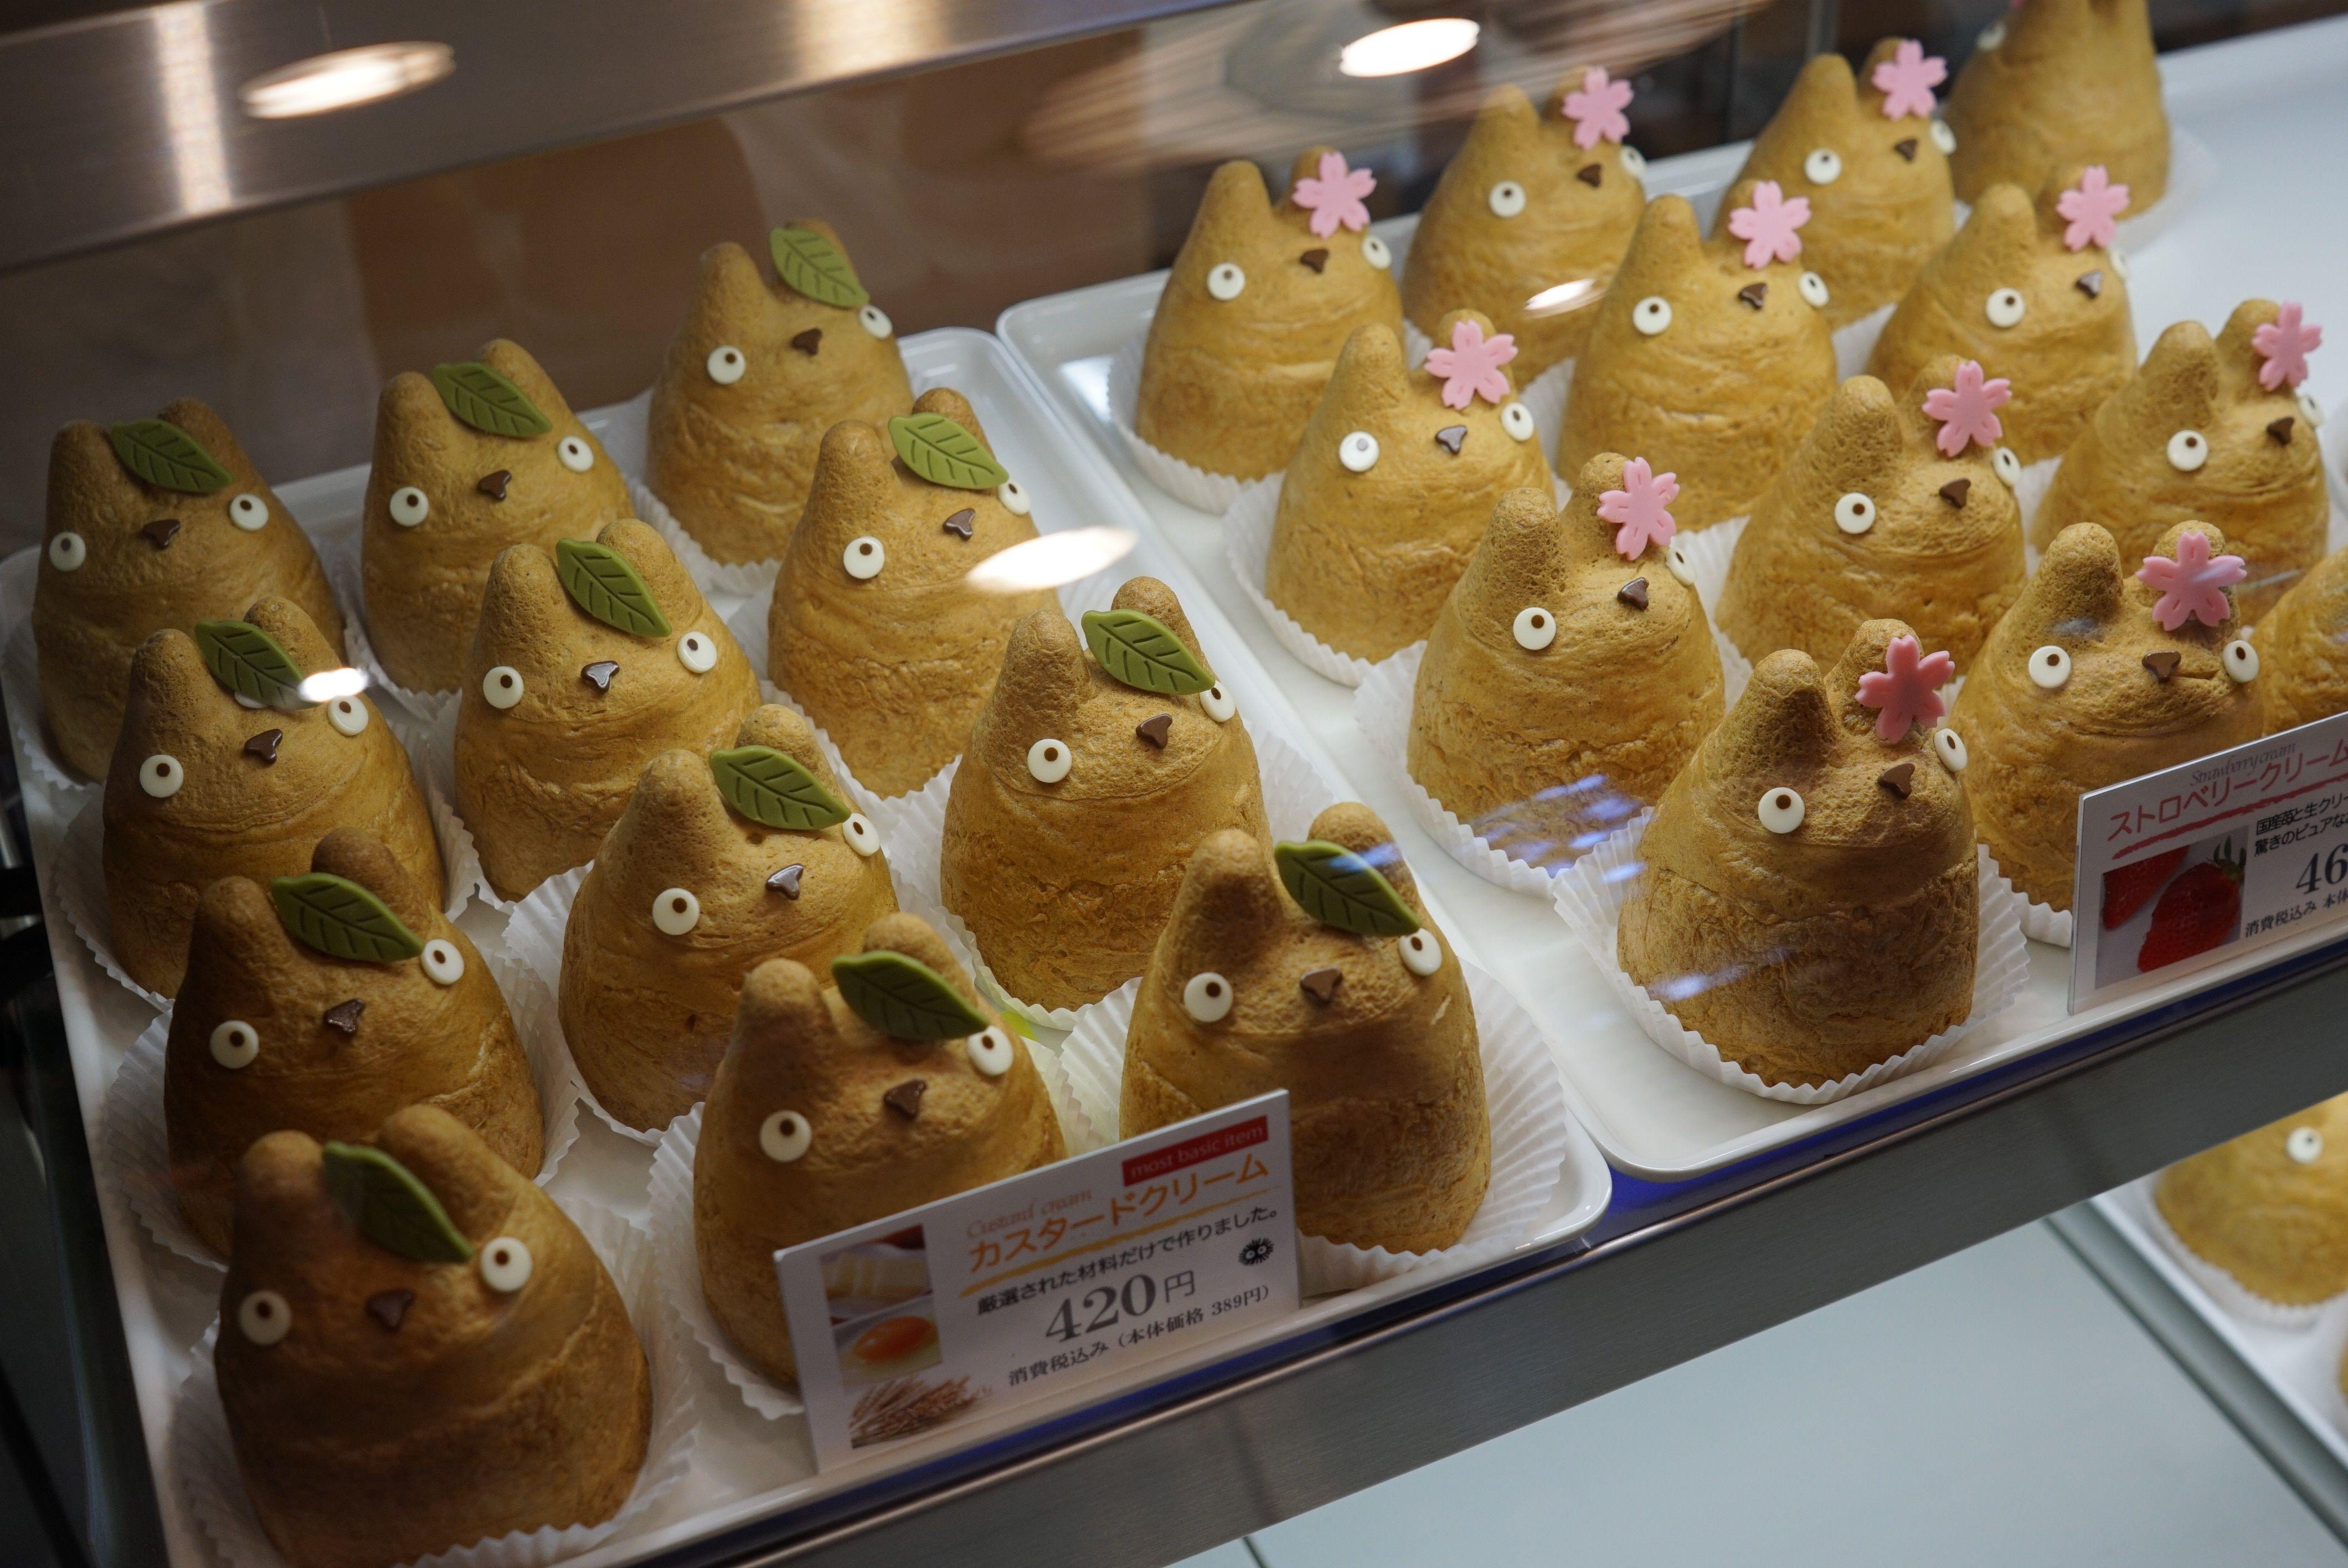 ร้าน Shirohige's Cream Puff Shop หรือที่ป้ายร้านชื่อ Tolo Coffee Bakery คาเฟ่น่ารักในโตเกียว ชูครีม totoro